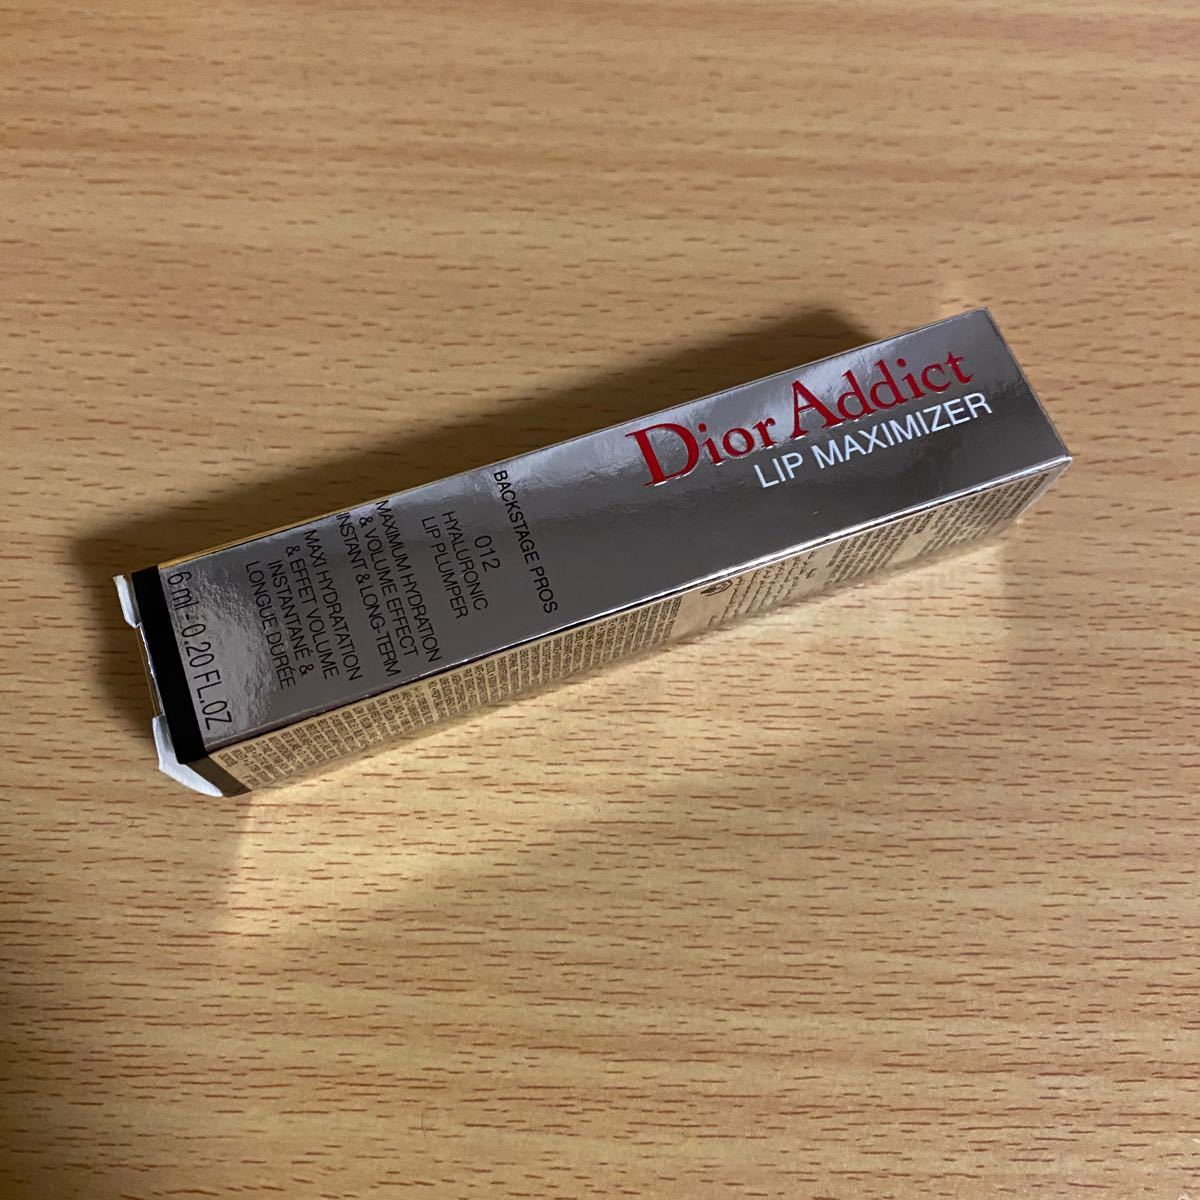 Dior マキシマイザー 012 ローズウッド